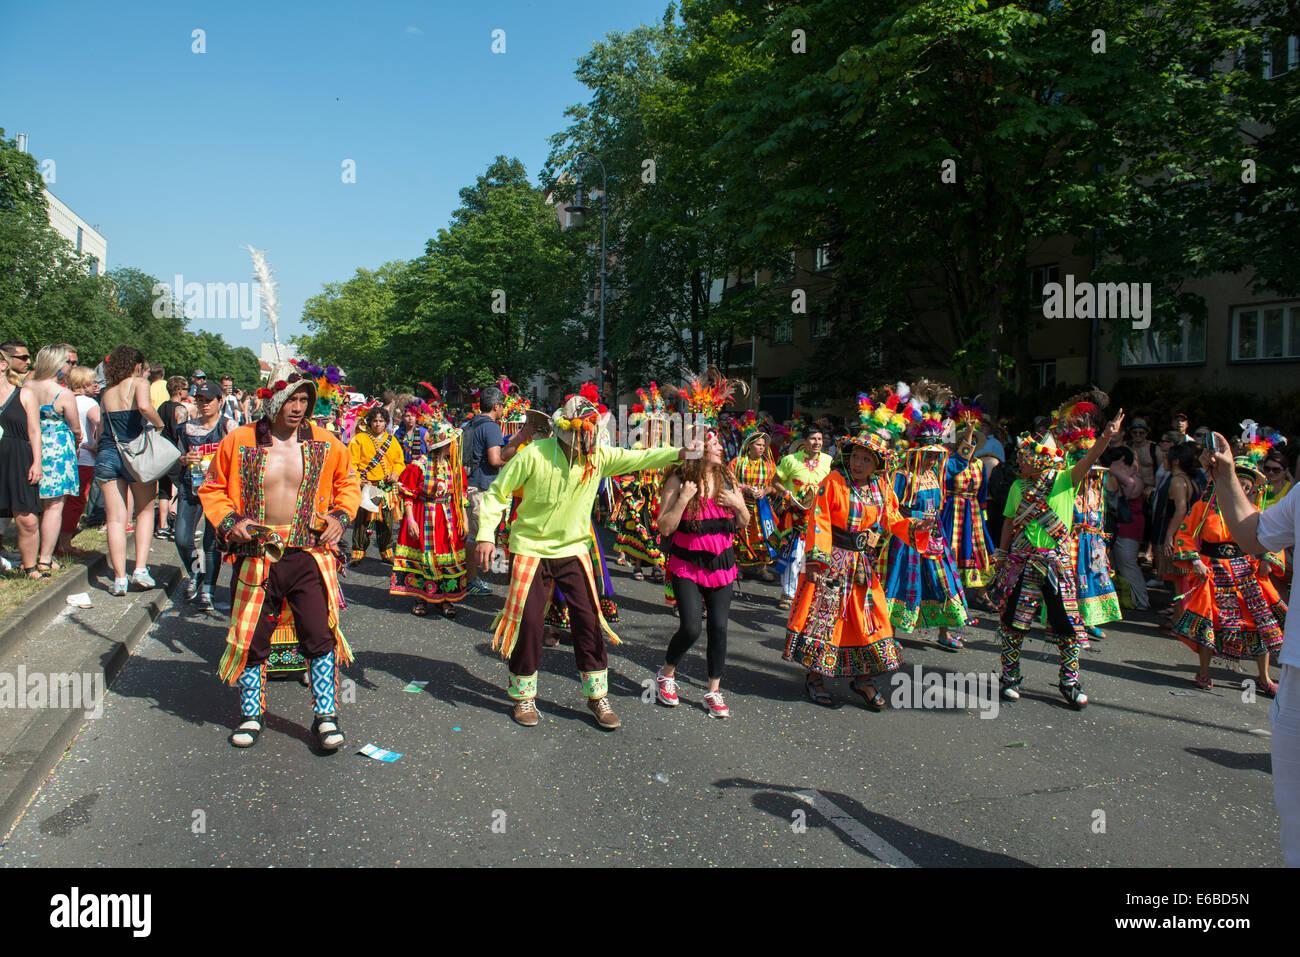 I partecipanti al Karneval der Kulturen (il Carnevale delle culture), uno dei principali festival urbano di Berlino Immagini Stock